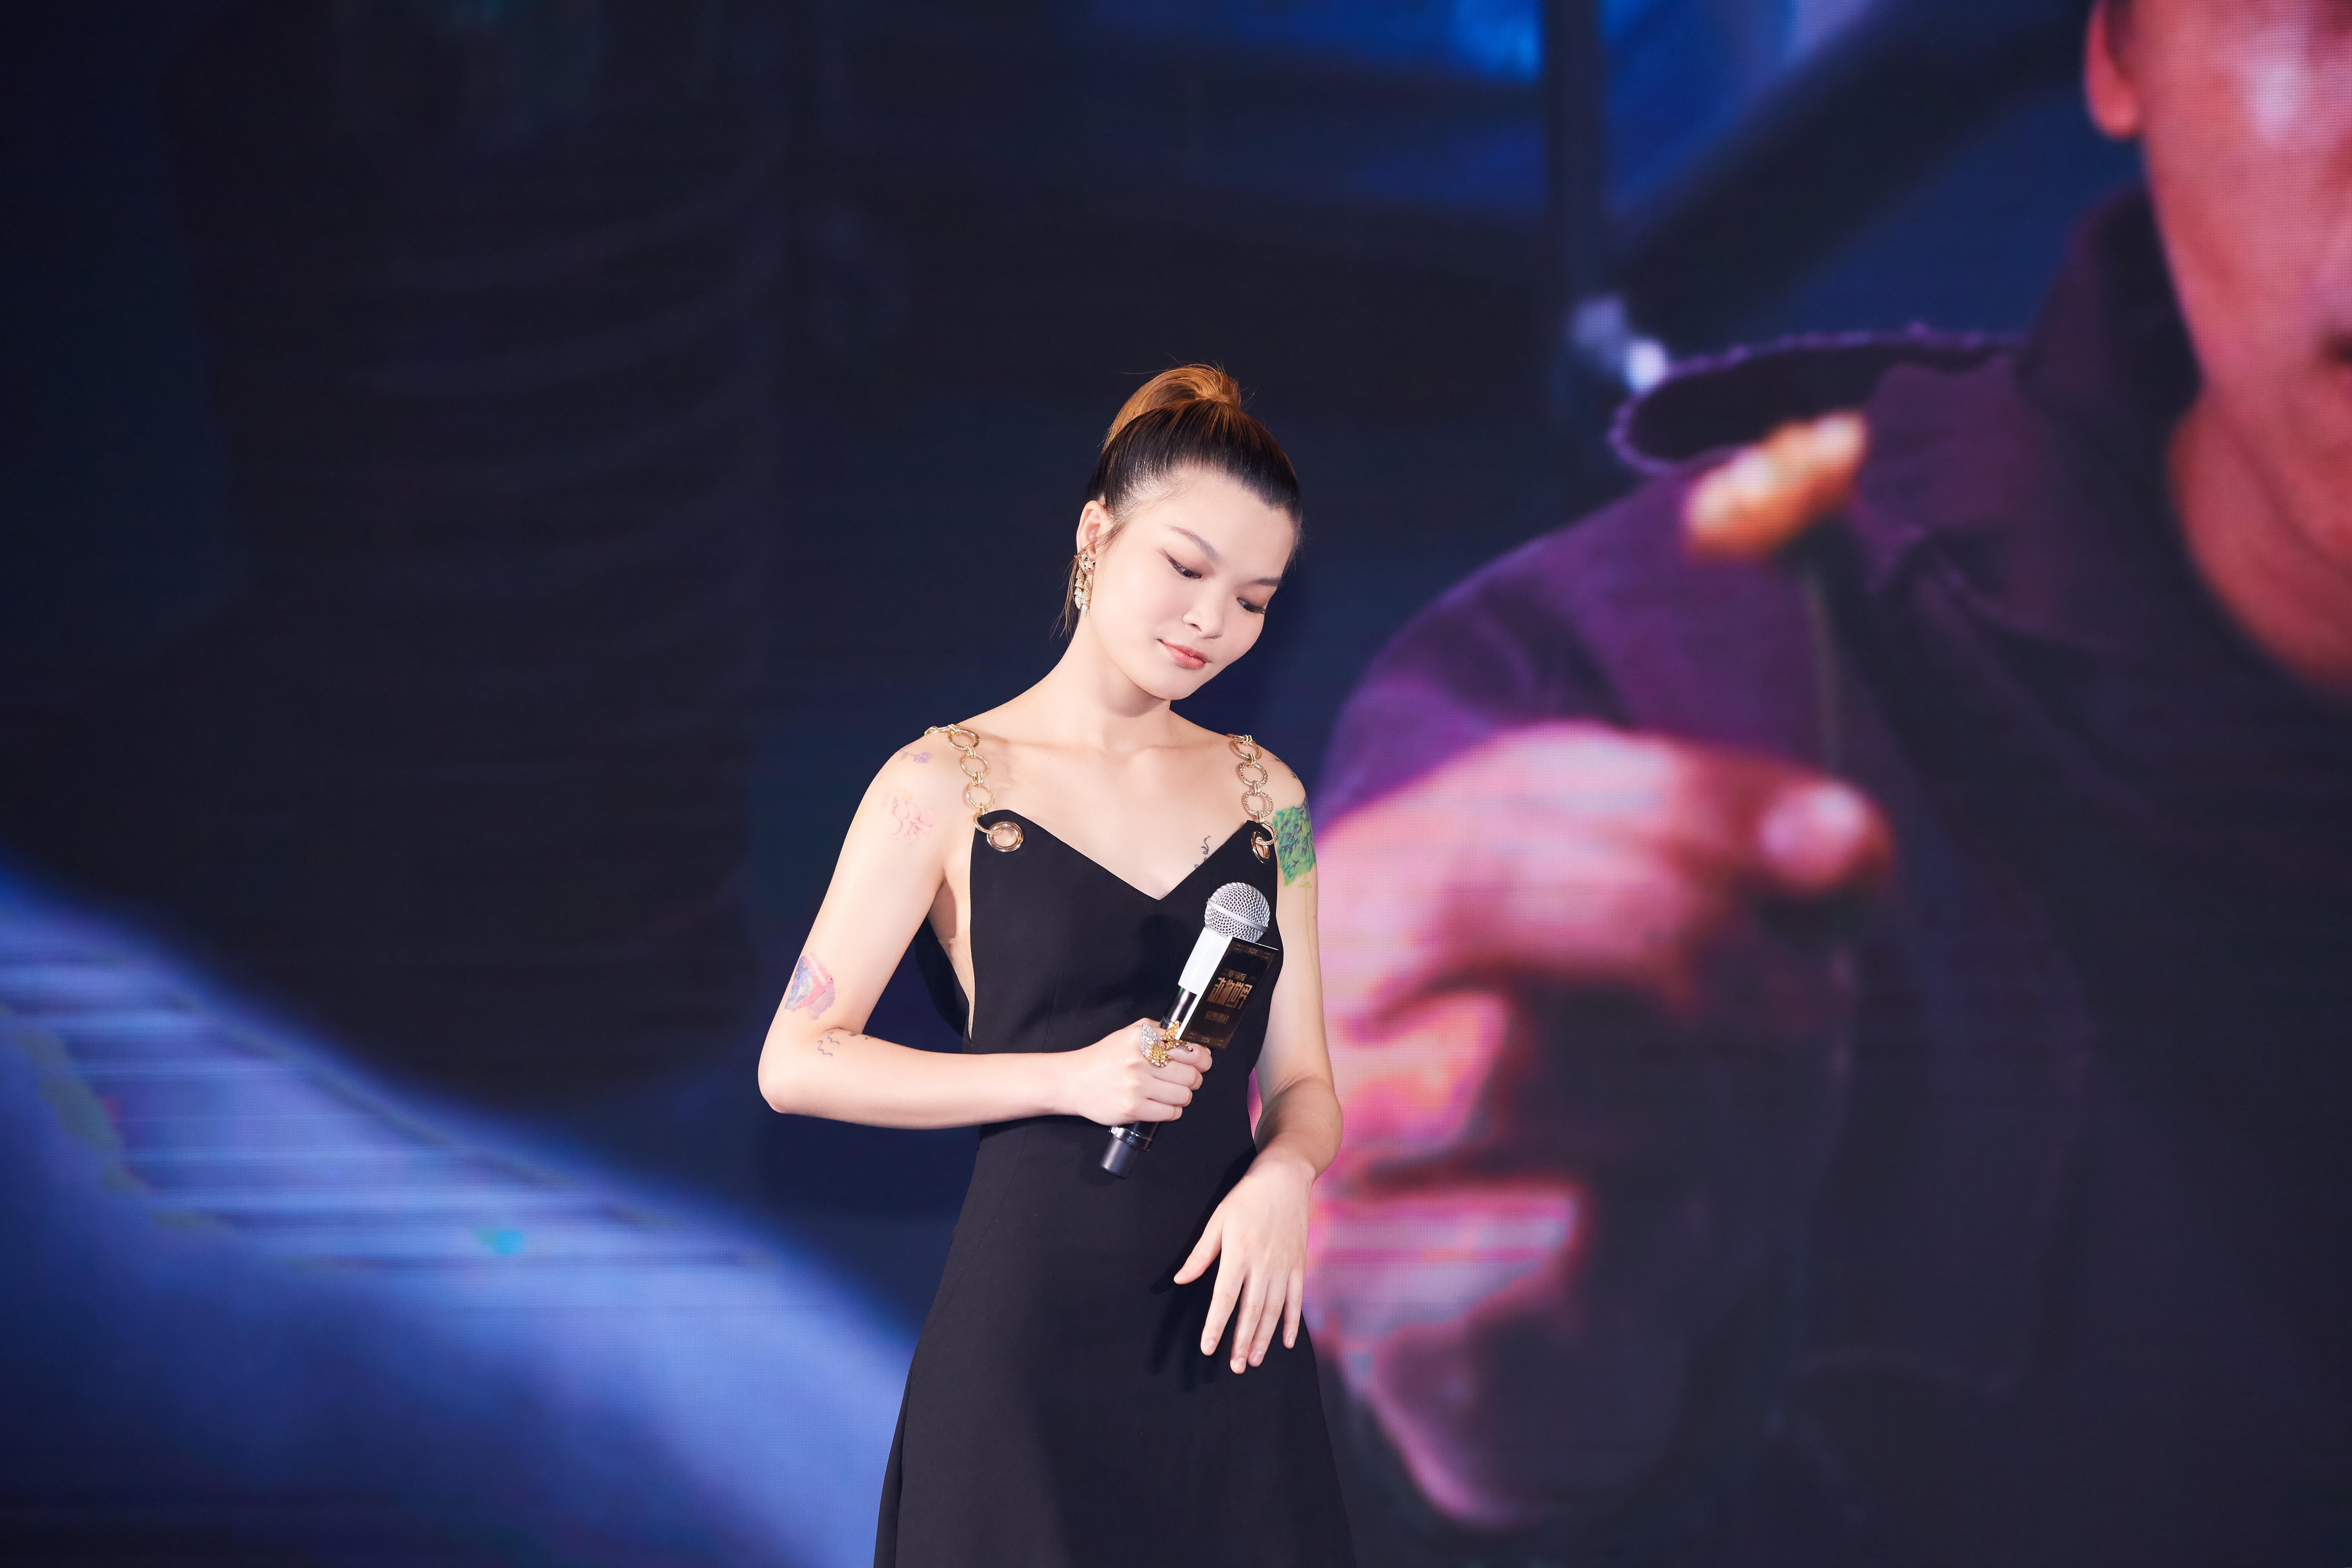 苏运莹献声电影《动物世界》首映 尽显优雅大方